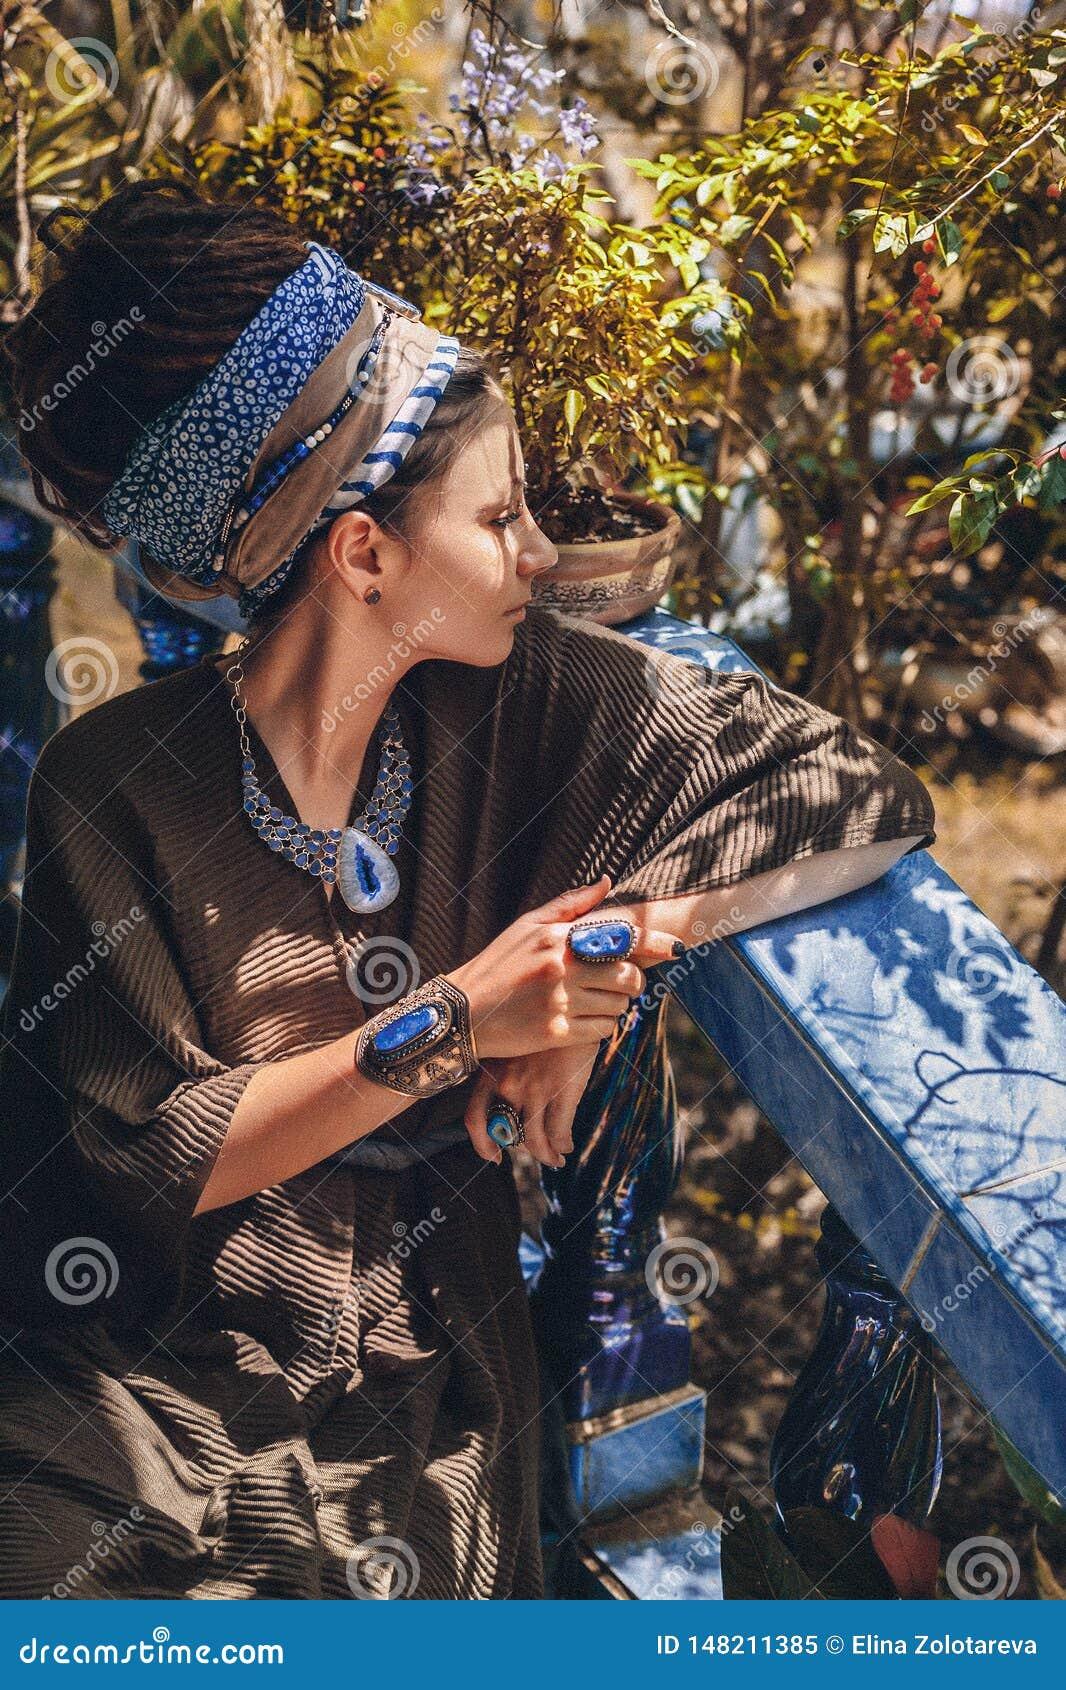 Nära övre stående av för ädelstensten för ung kvinna bärande smycken utomhus